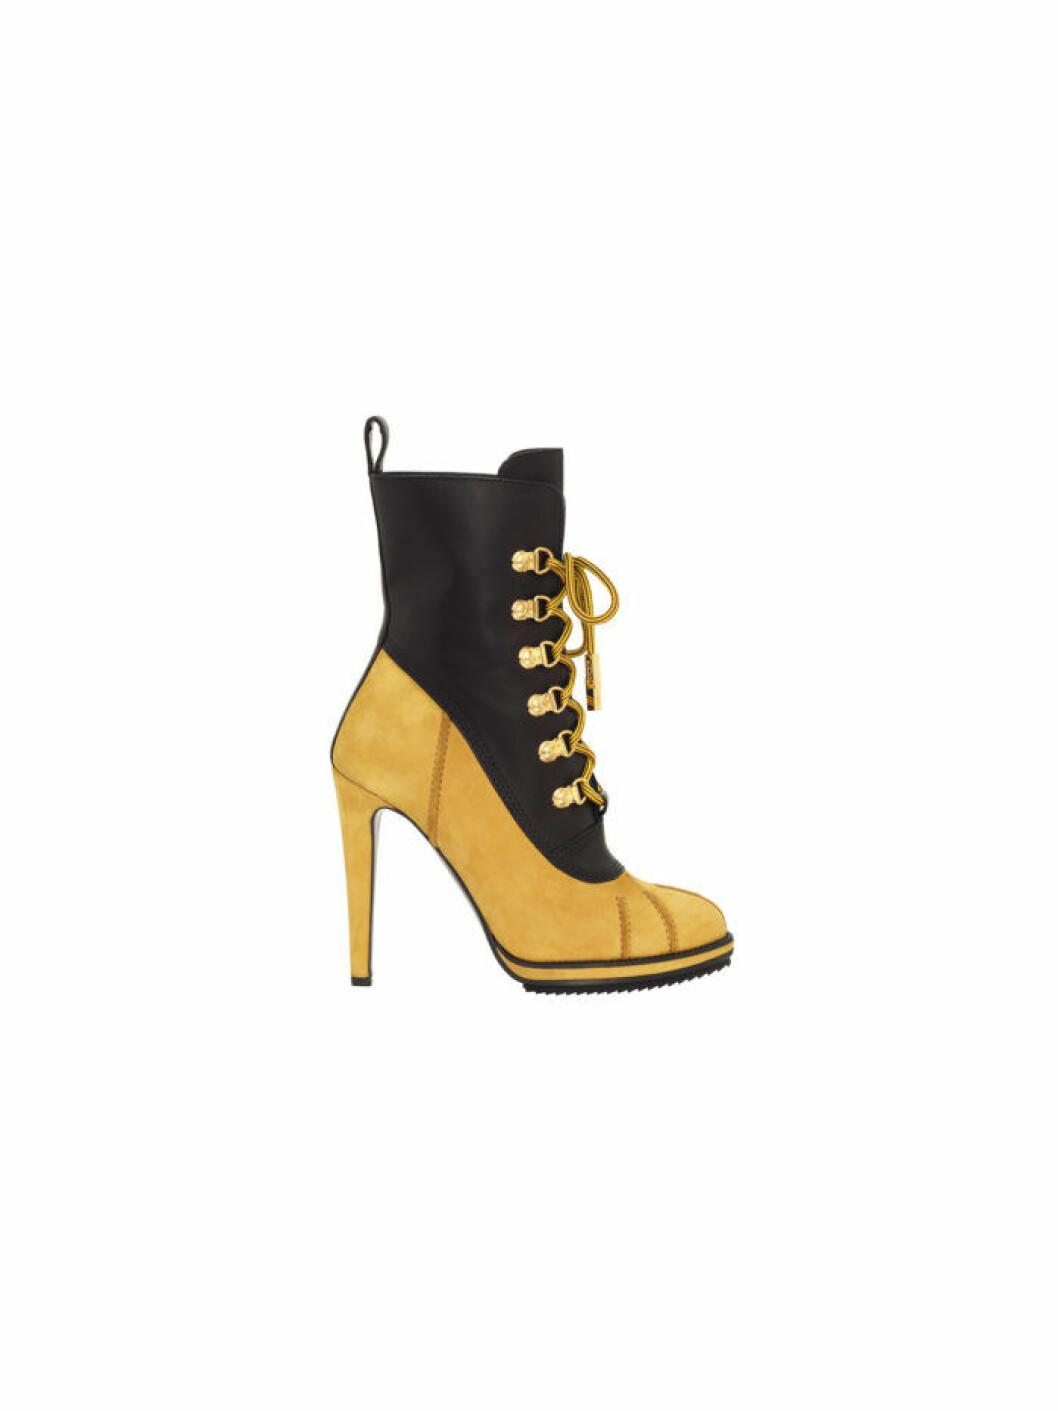 Högklackad hög känga i svart och guld Moschino [tv] H&M